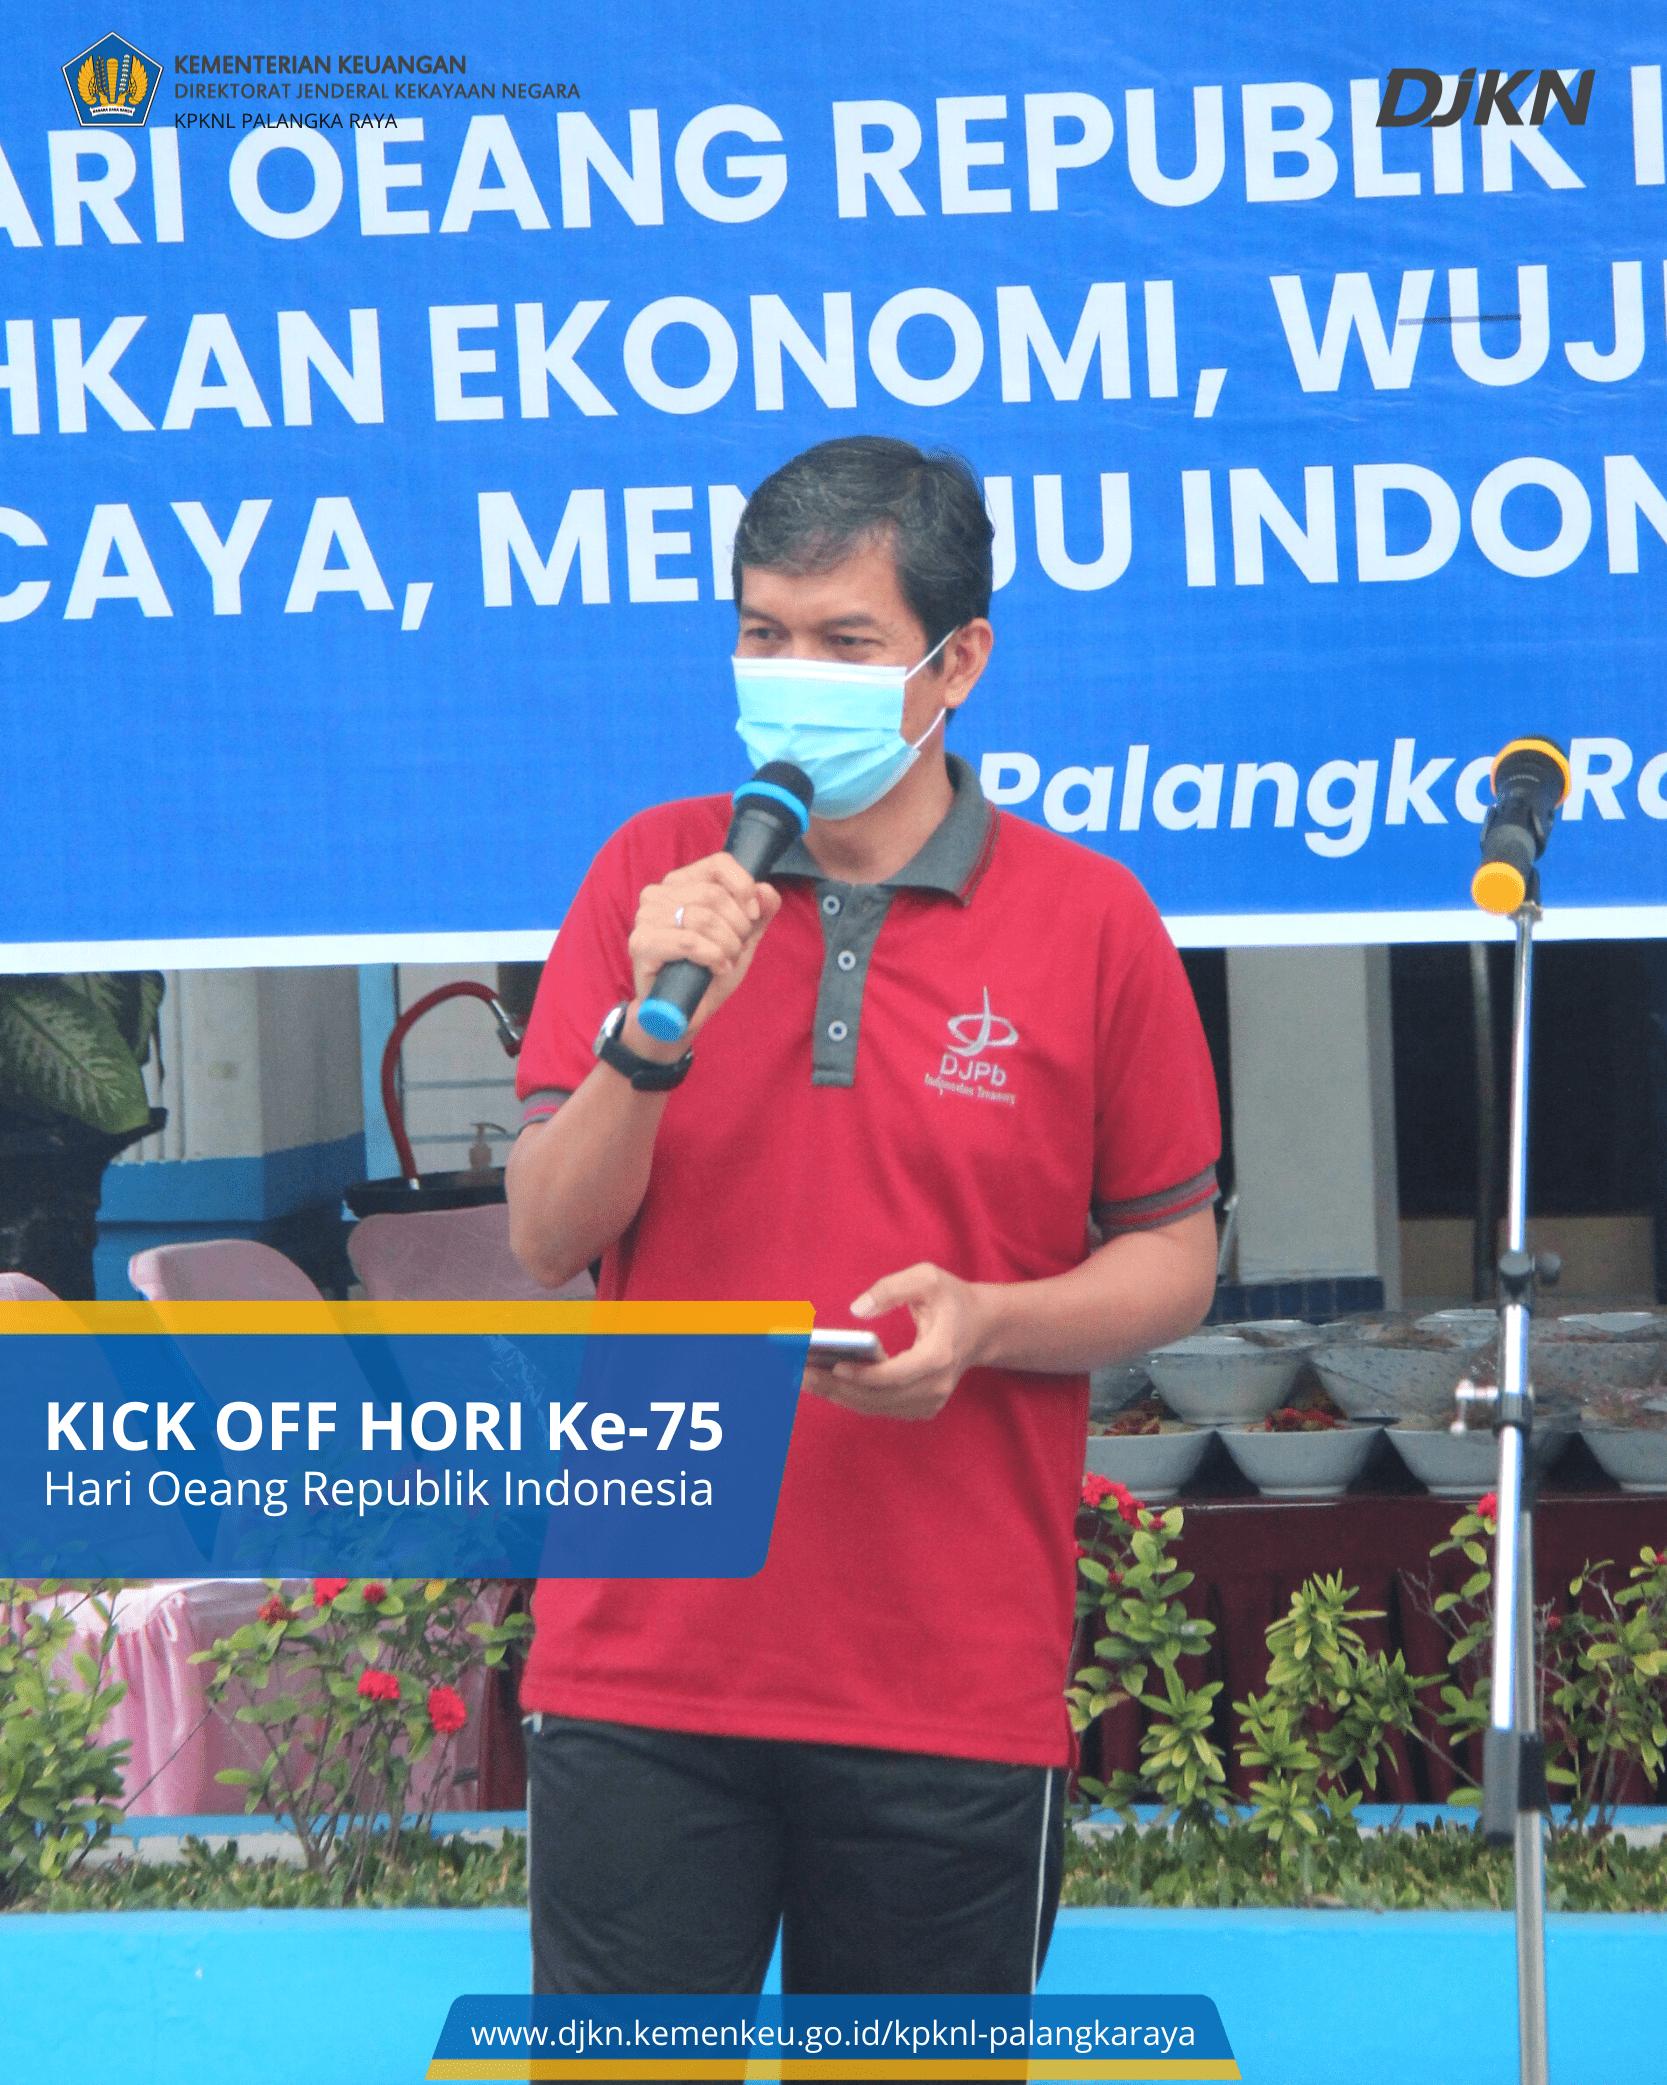 Kick Off Hari Oeang Republik Indonesia (HORI) ke-75